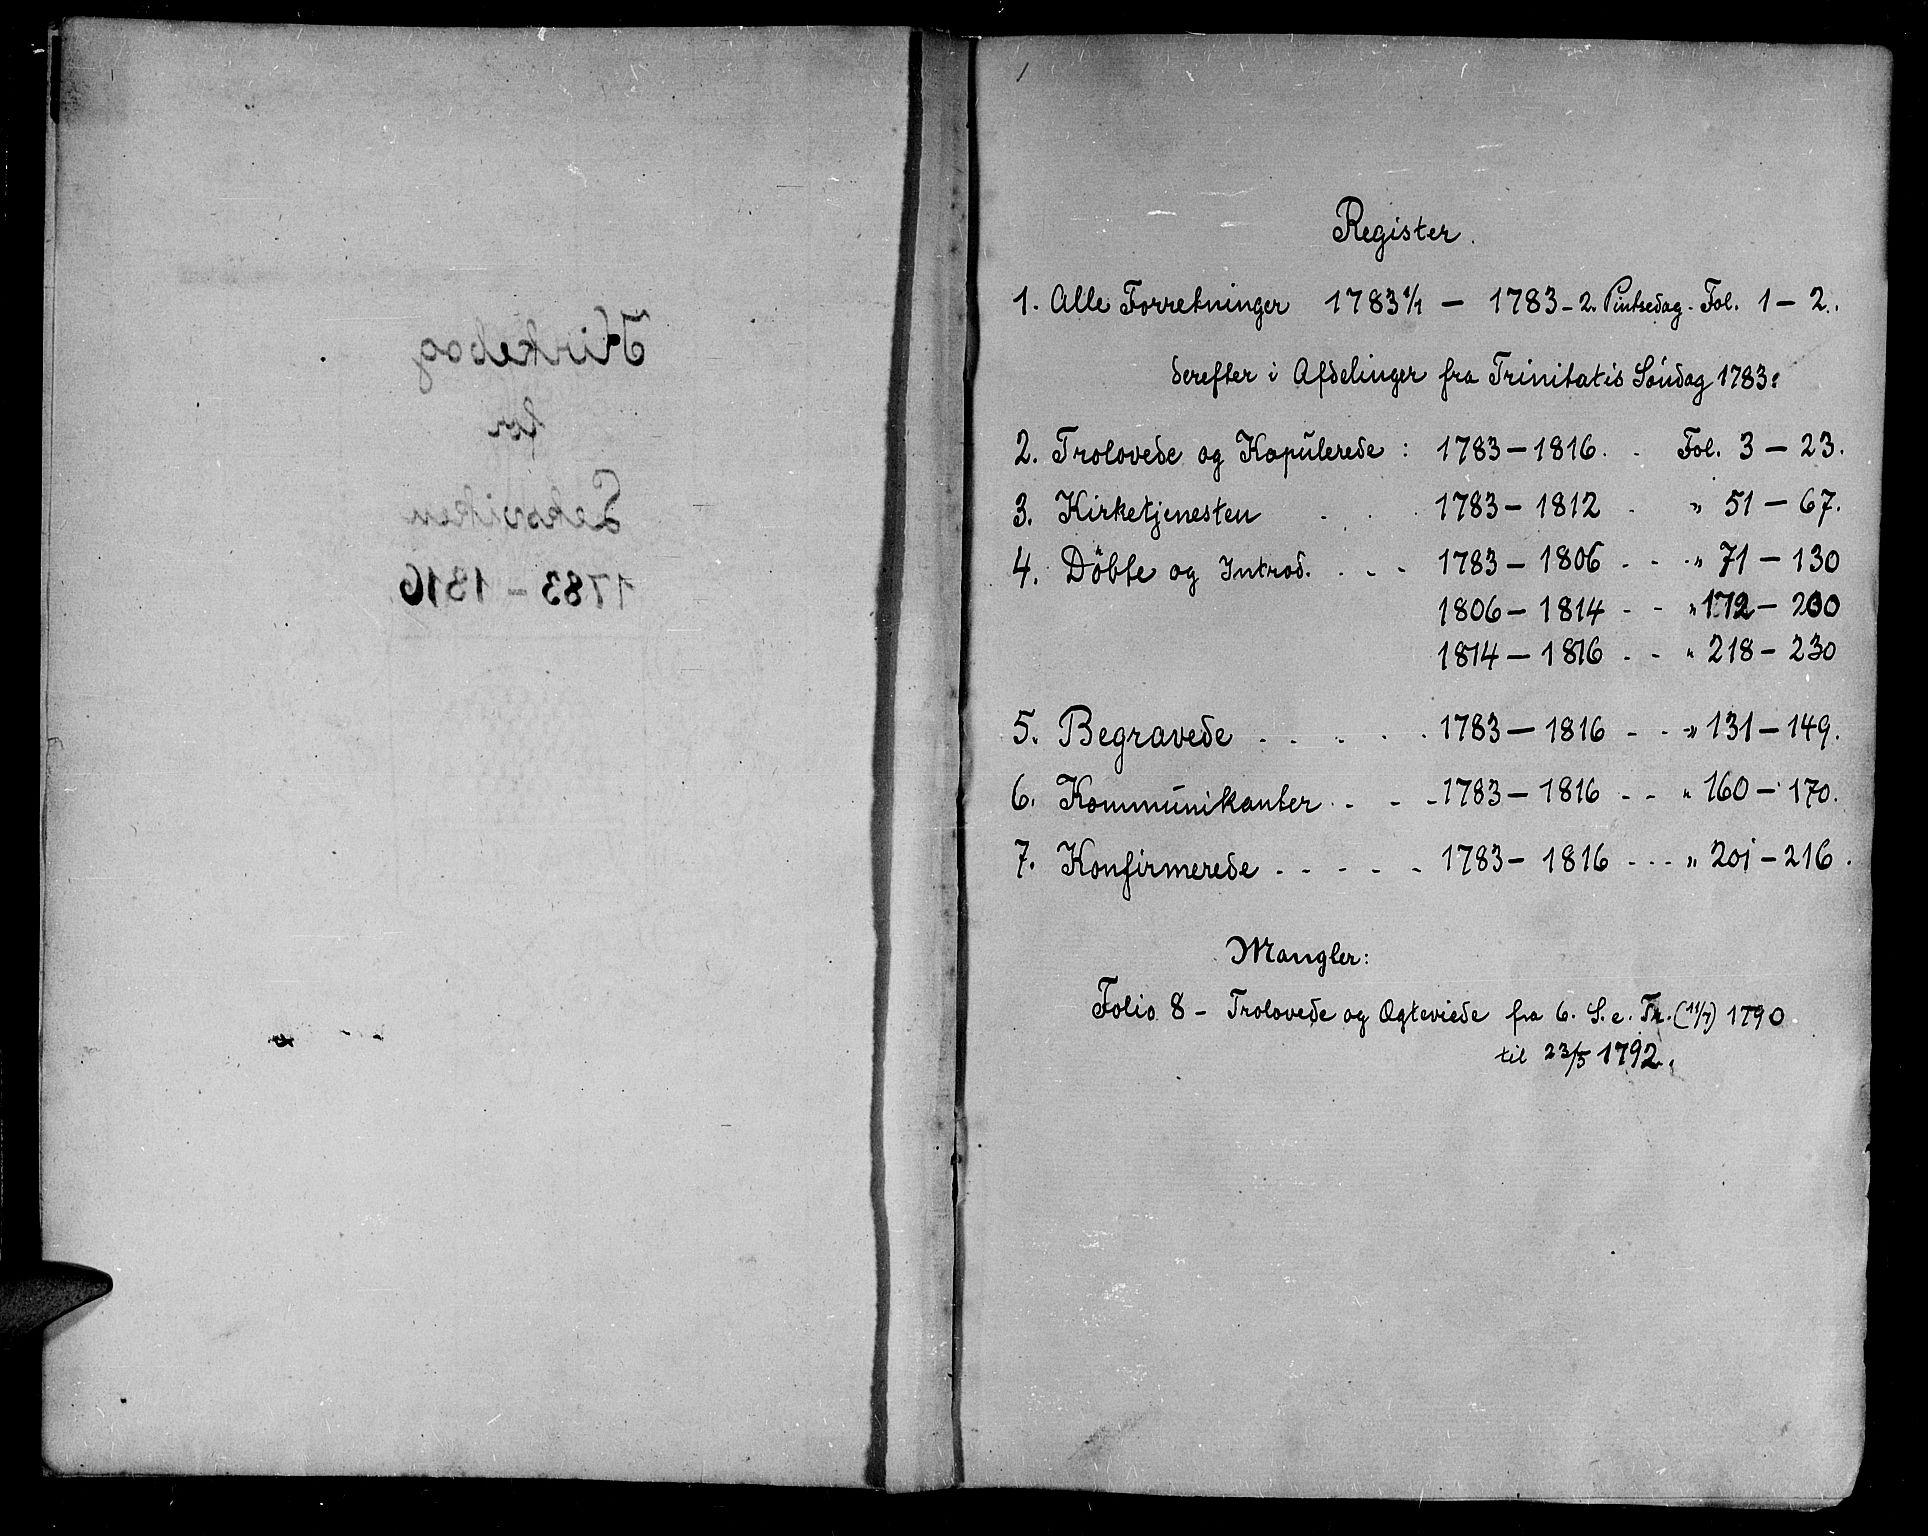 SAT, Ministerialprotokoller, klokkerbøker og fødselsregistre - Nord-Trøndelag, 701/L0004: Ministerialbok nr. 701A04, 1783-1816